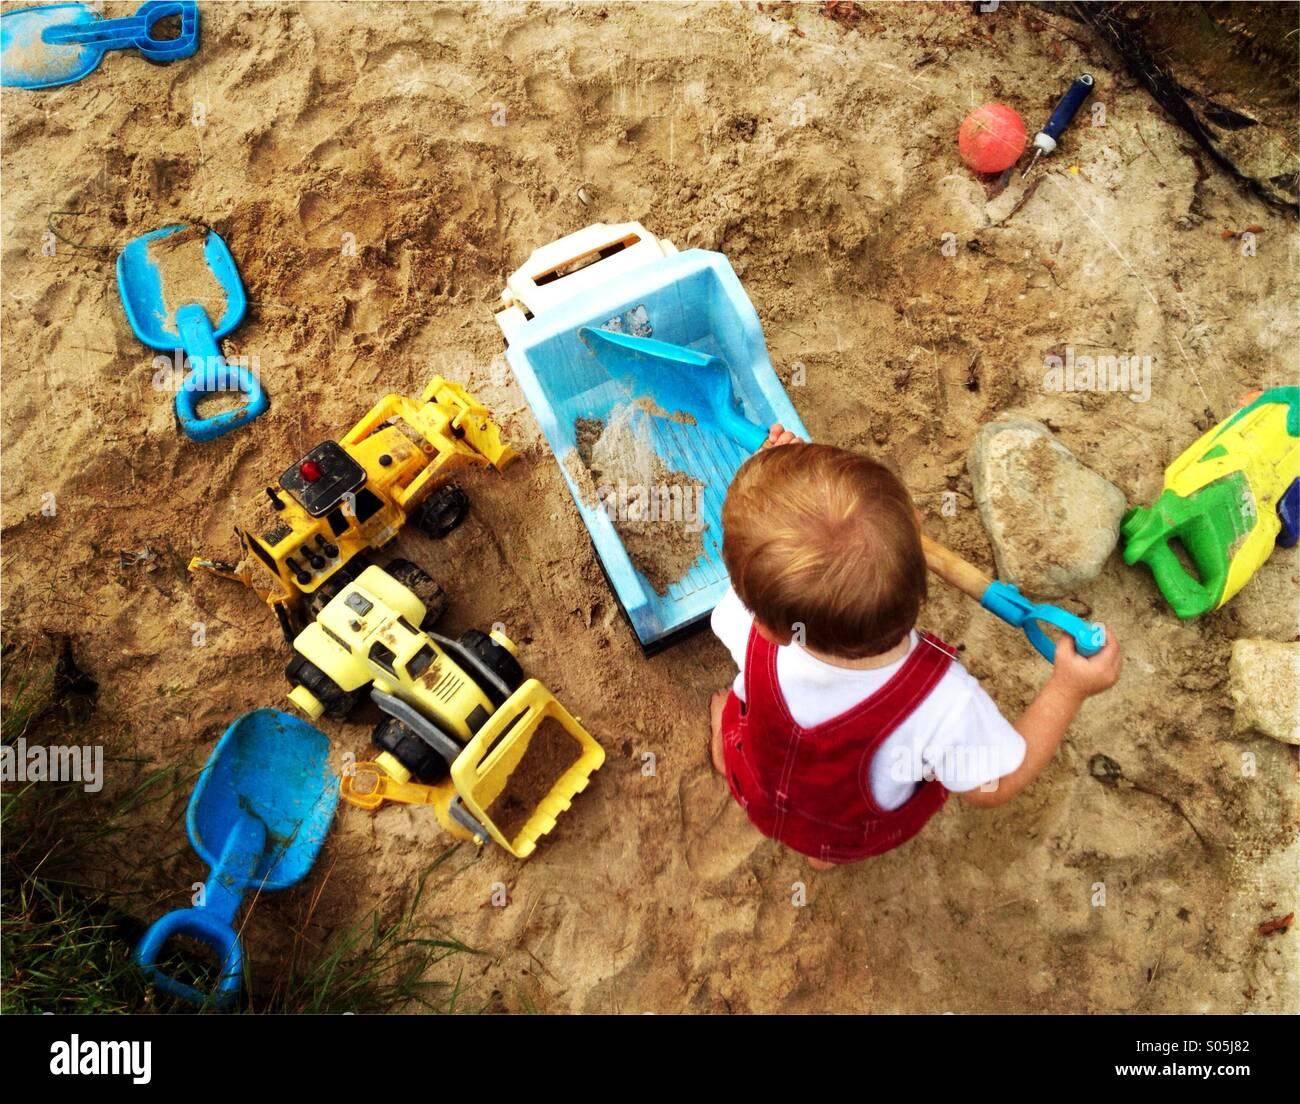 Kleinkind junge spielt mit einer Schaufel und LKW in einem großen Sandkasten. Stockbild